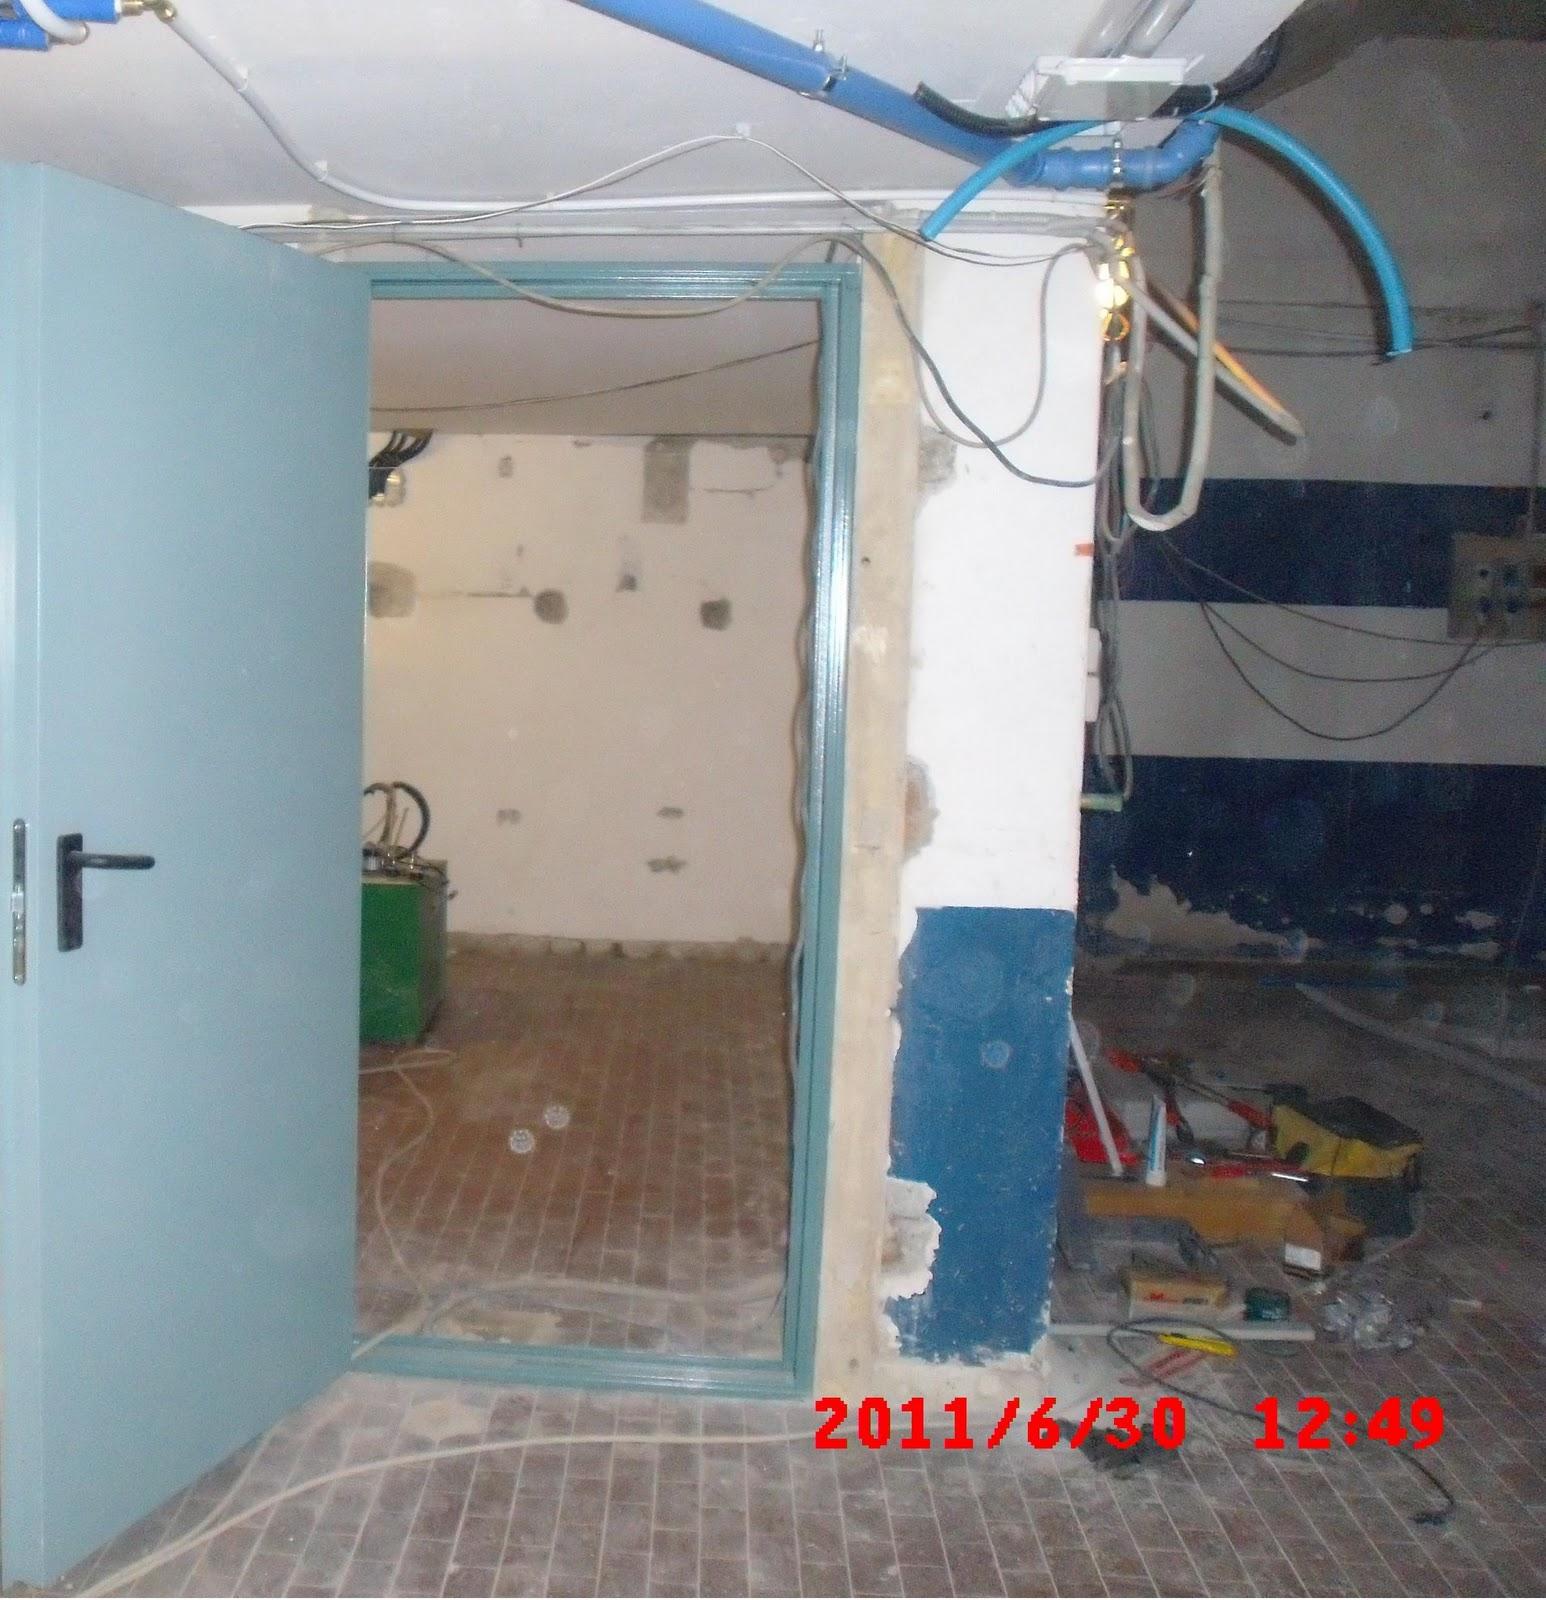 Ristorante Cinisello - Rifacimento impianti di riscaldamento, elettrici e idrici ~ TL ...